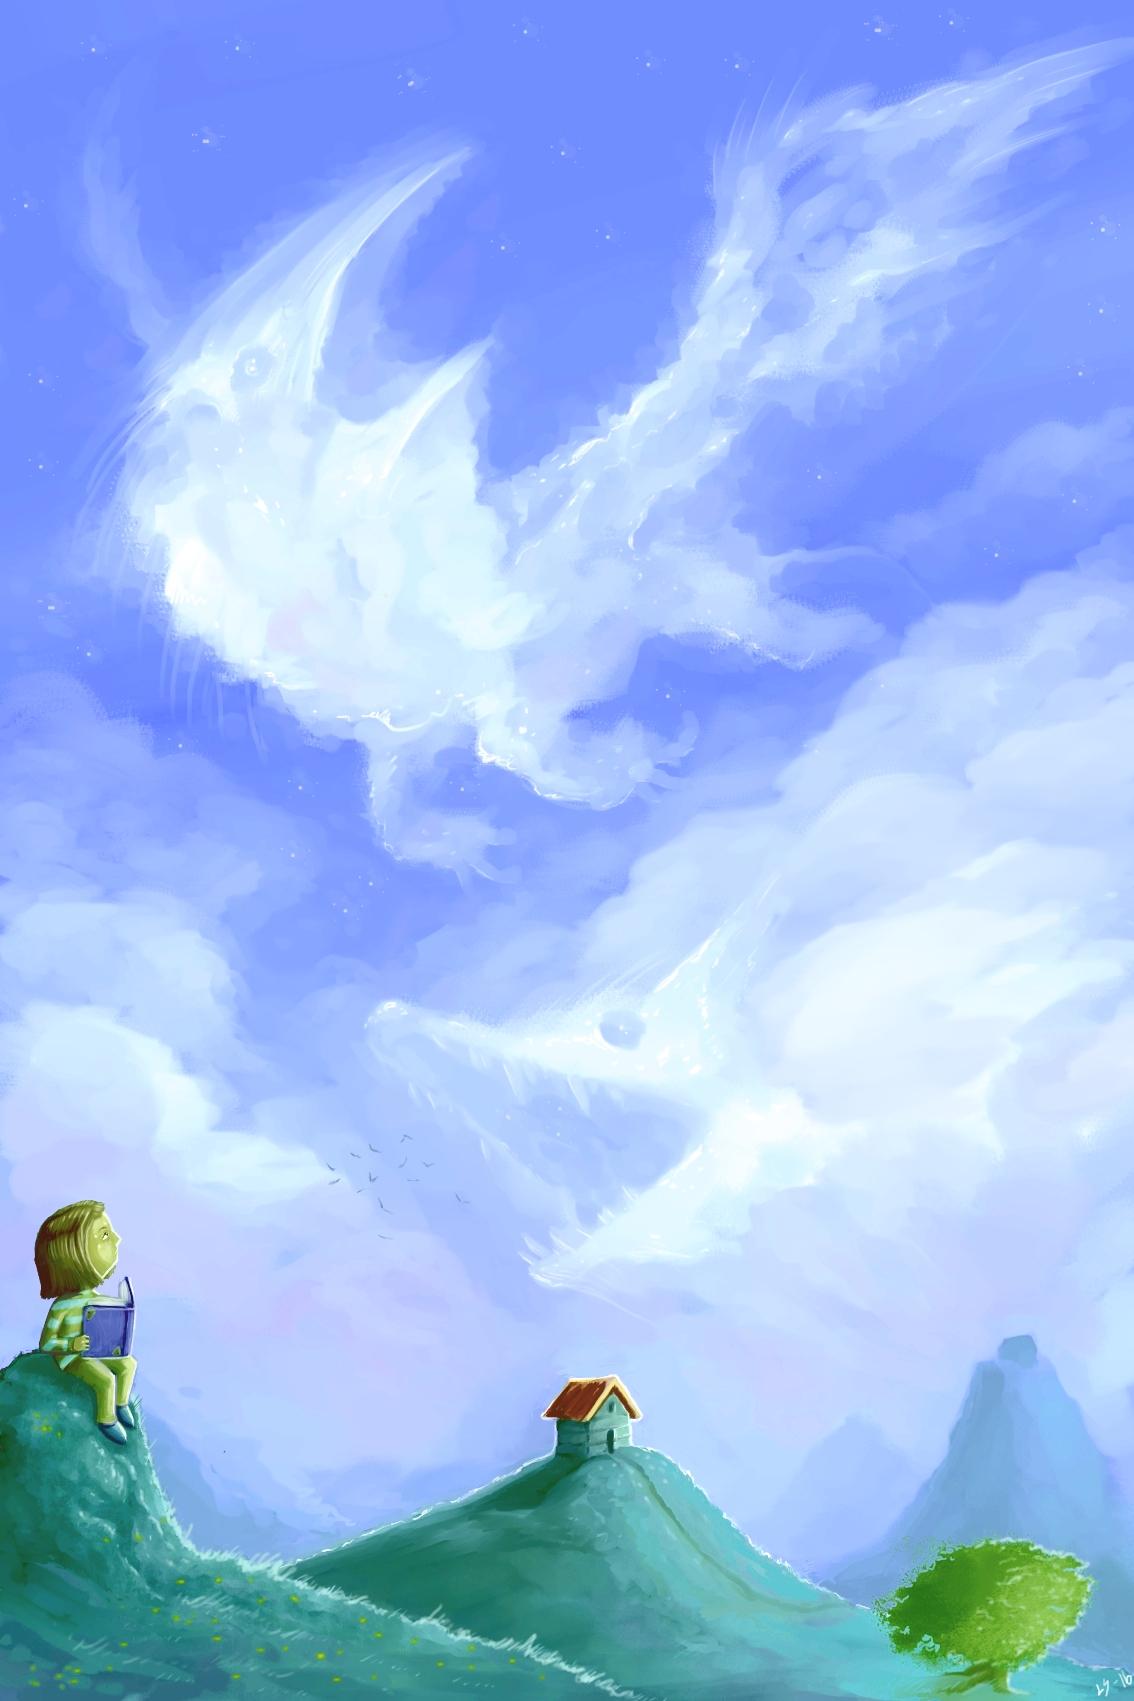 Bedtime stories (Cloud creatures)